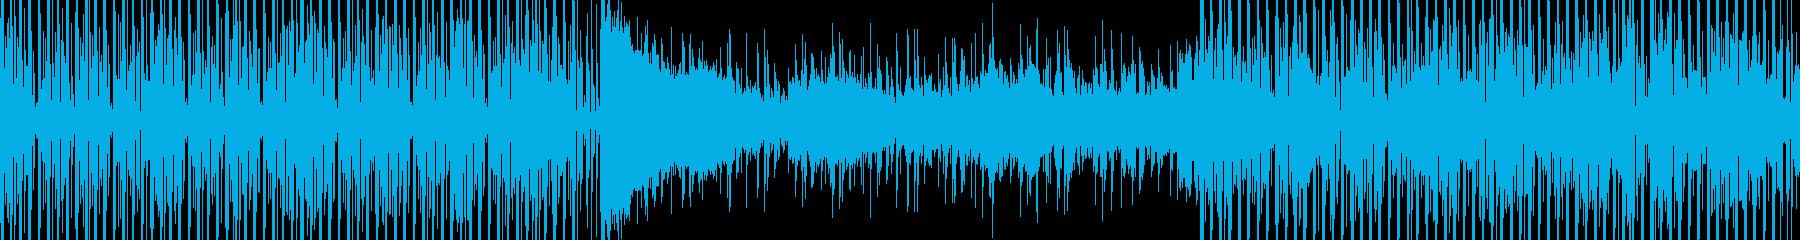 ハウス ダンス プログレッシブ 透...の再生済みの波形